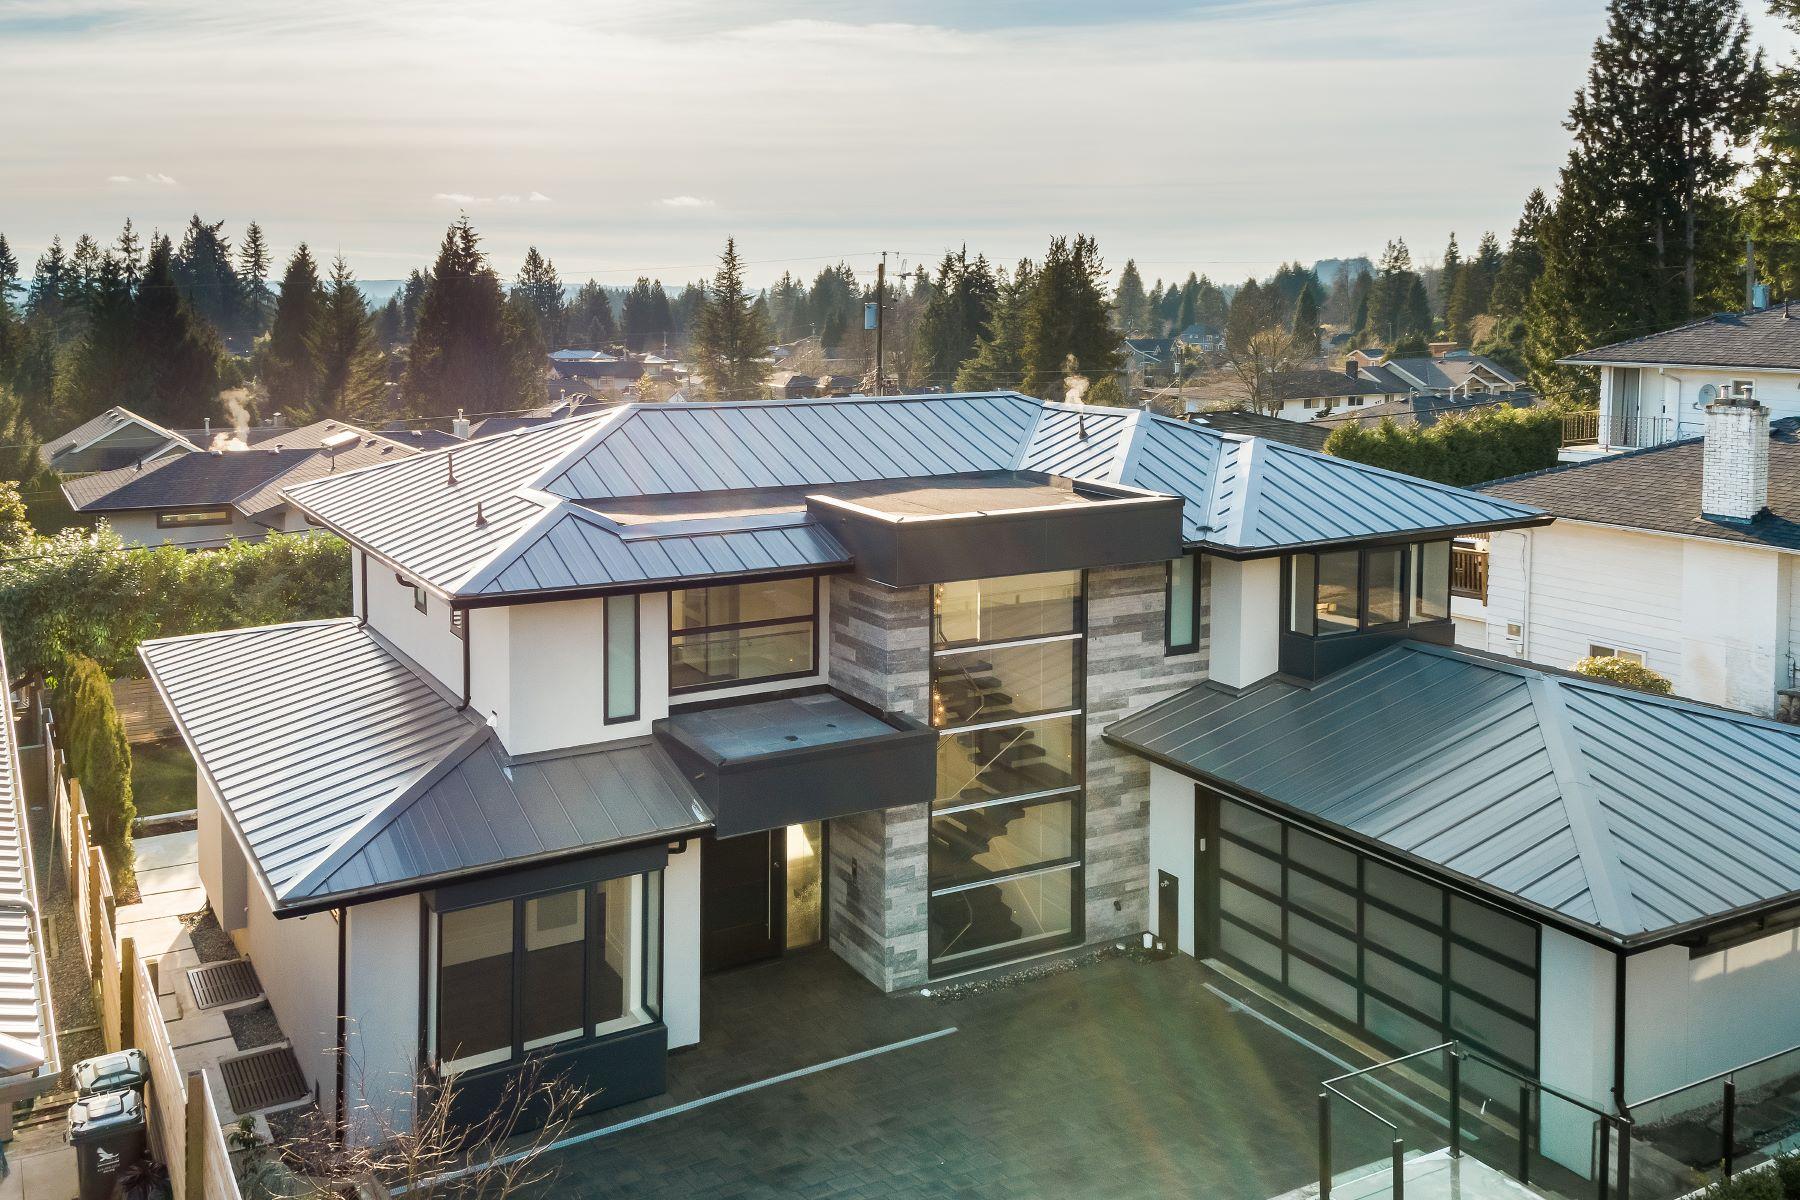 단독 가정 주택 용 매매 에 Edgemont New Home. 925 Beaumont Drive, North Vancouver, 브리티시 컬럼비아주, V7R 1P5 캐나다